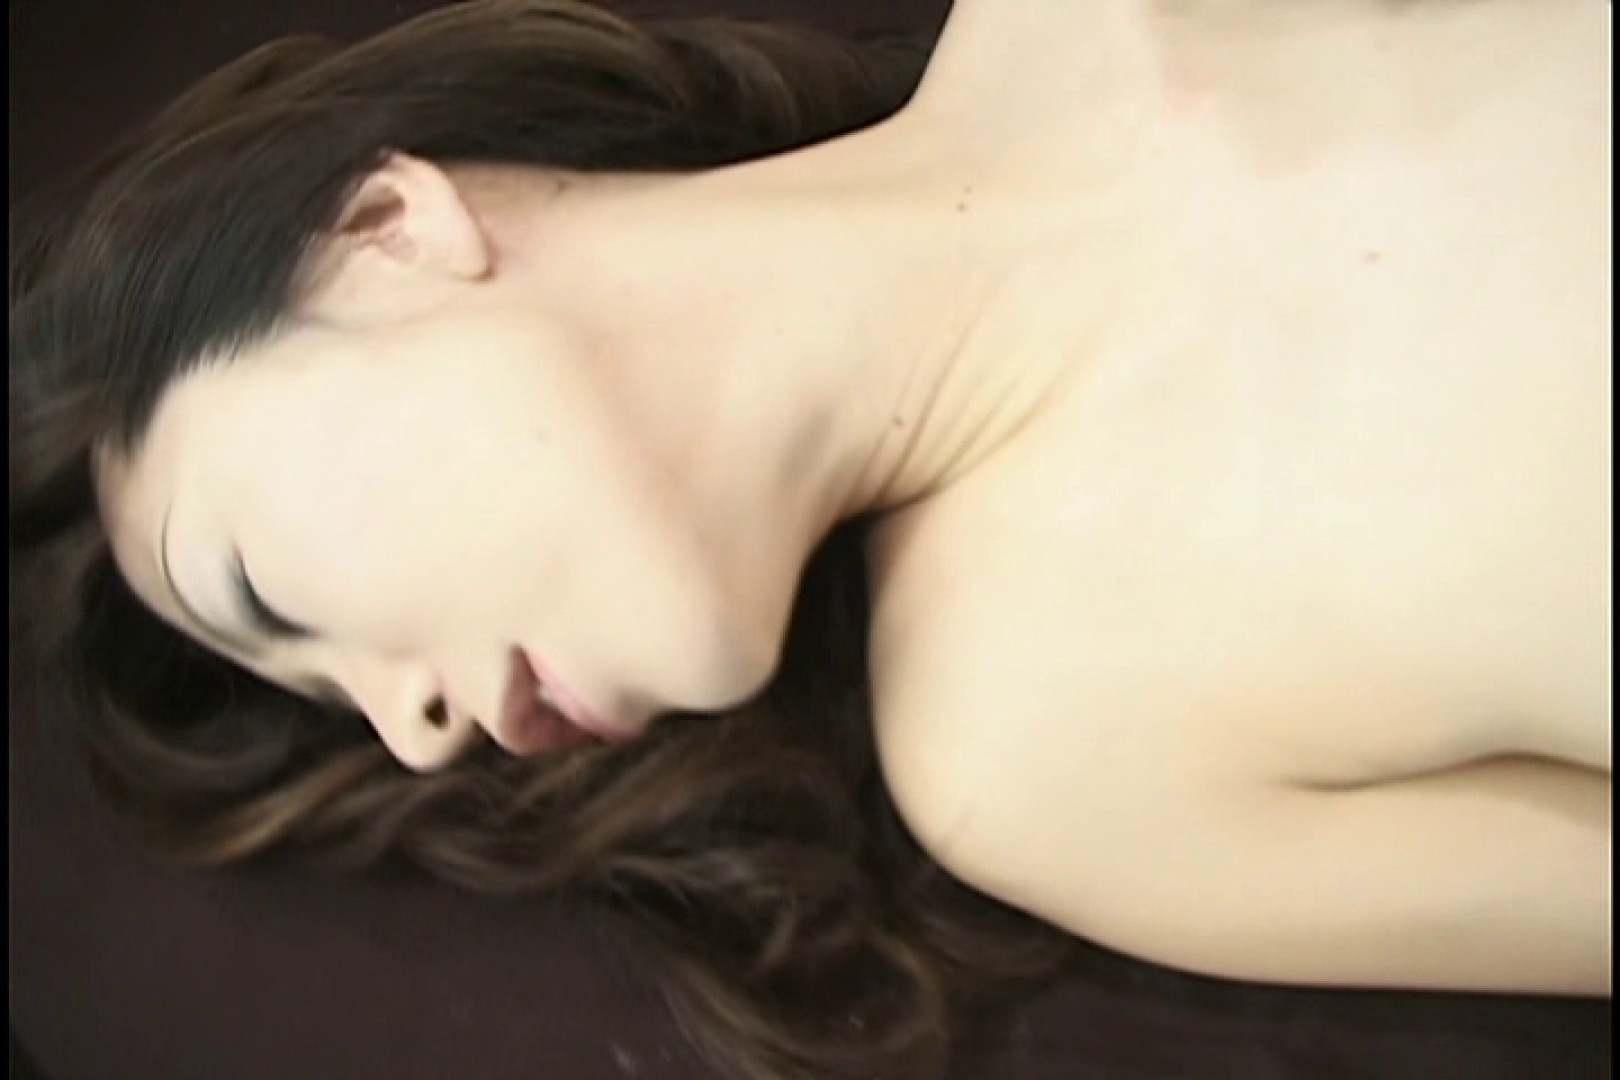 昼間の奥様は欲求不満 ~川島ゆり子~ 本番 エロ画像 95連発 20